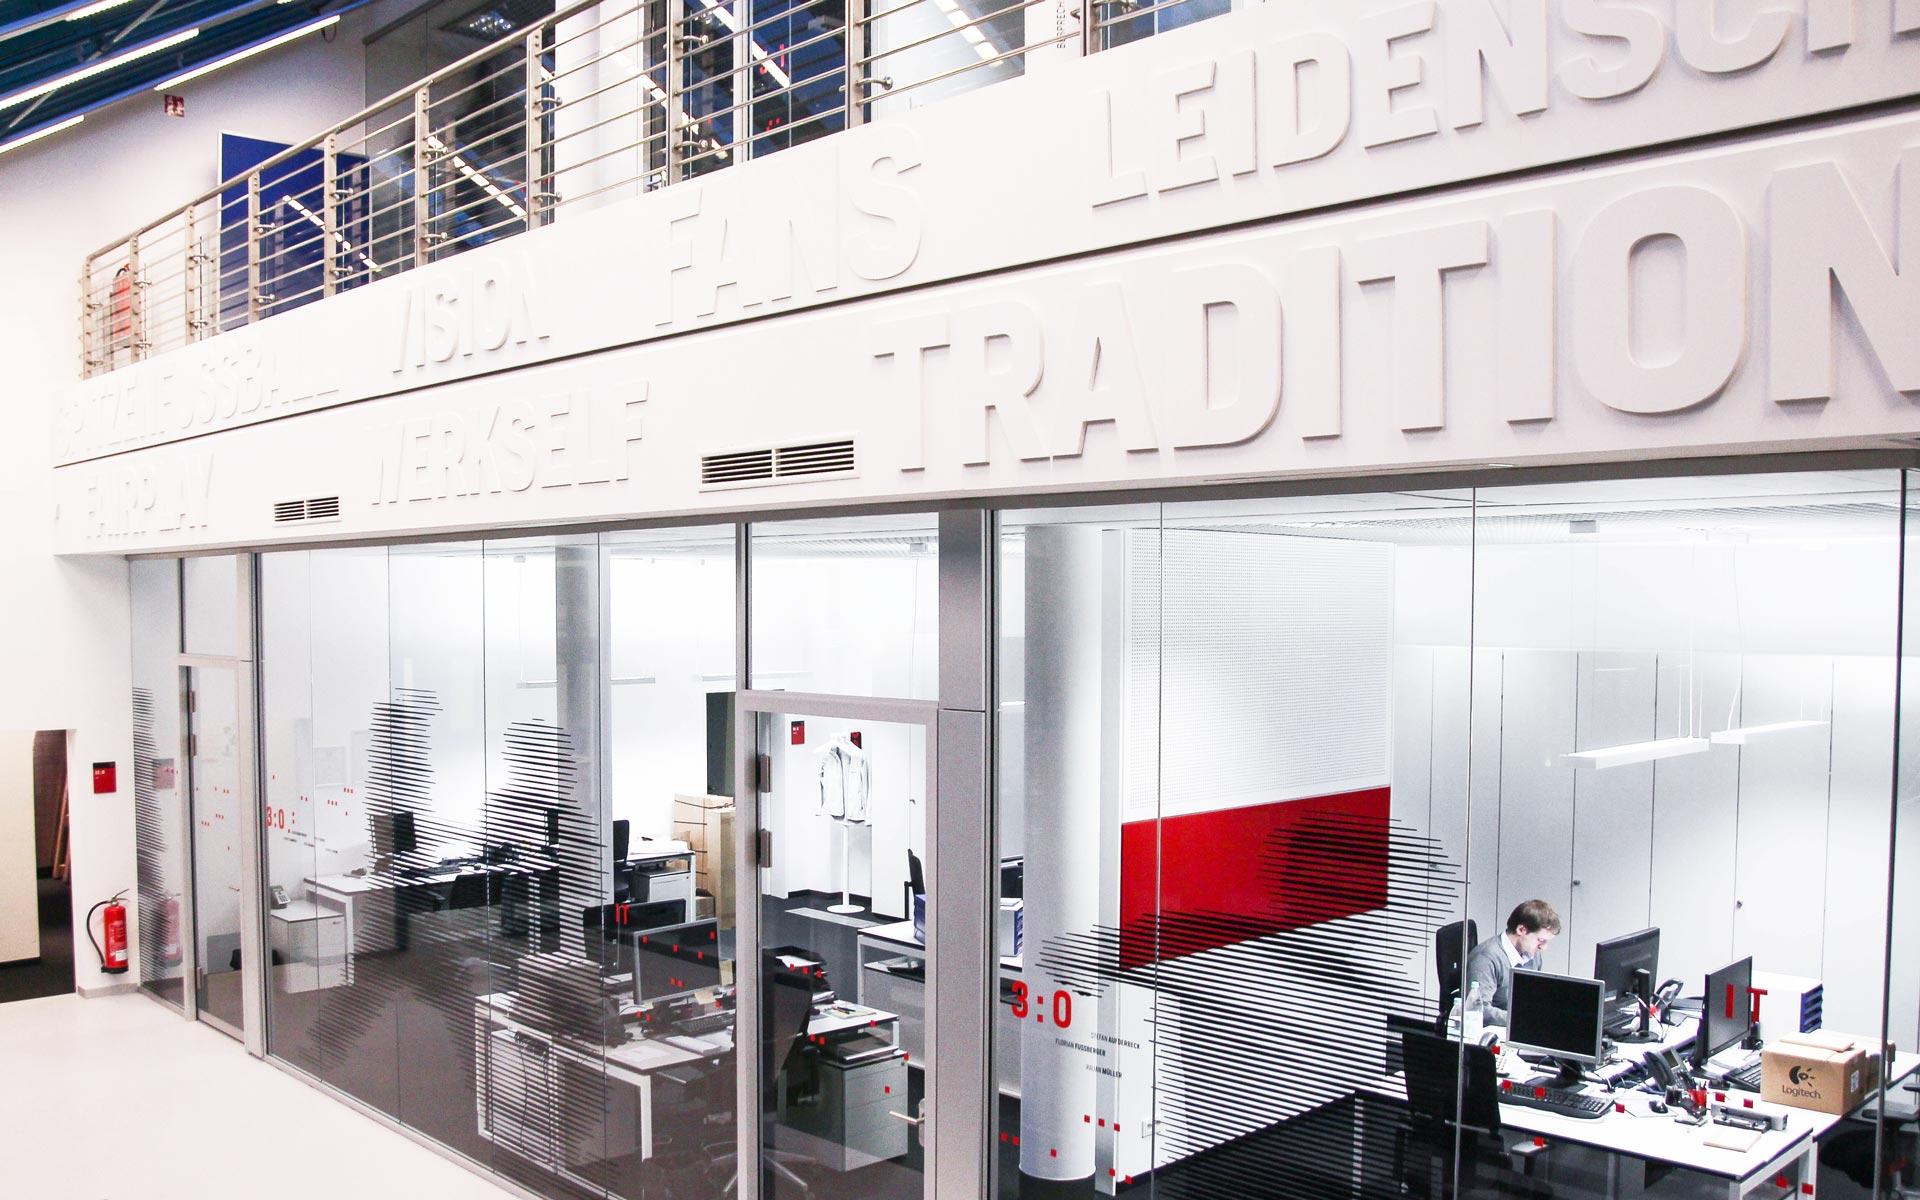 Bayer 04 neue Liegenschaft – Wayfinding, Leit- und Orientierungssystem,  großflächige Typografie